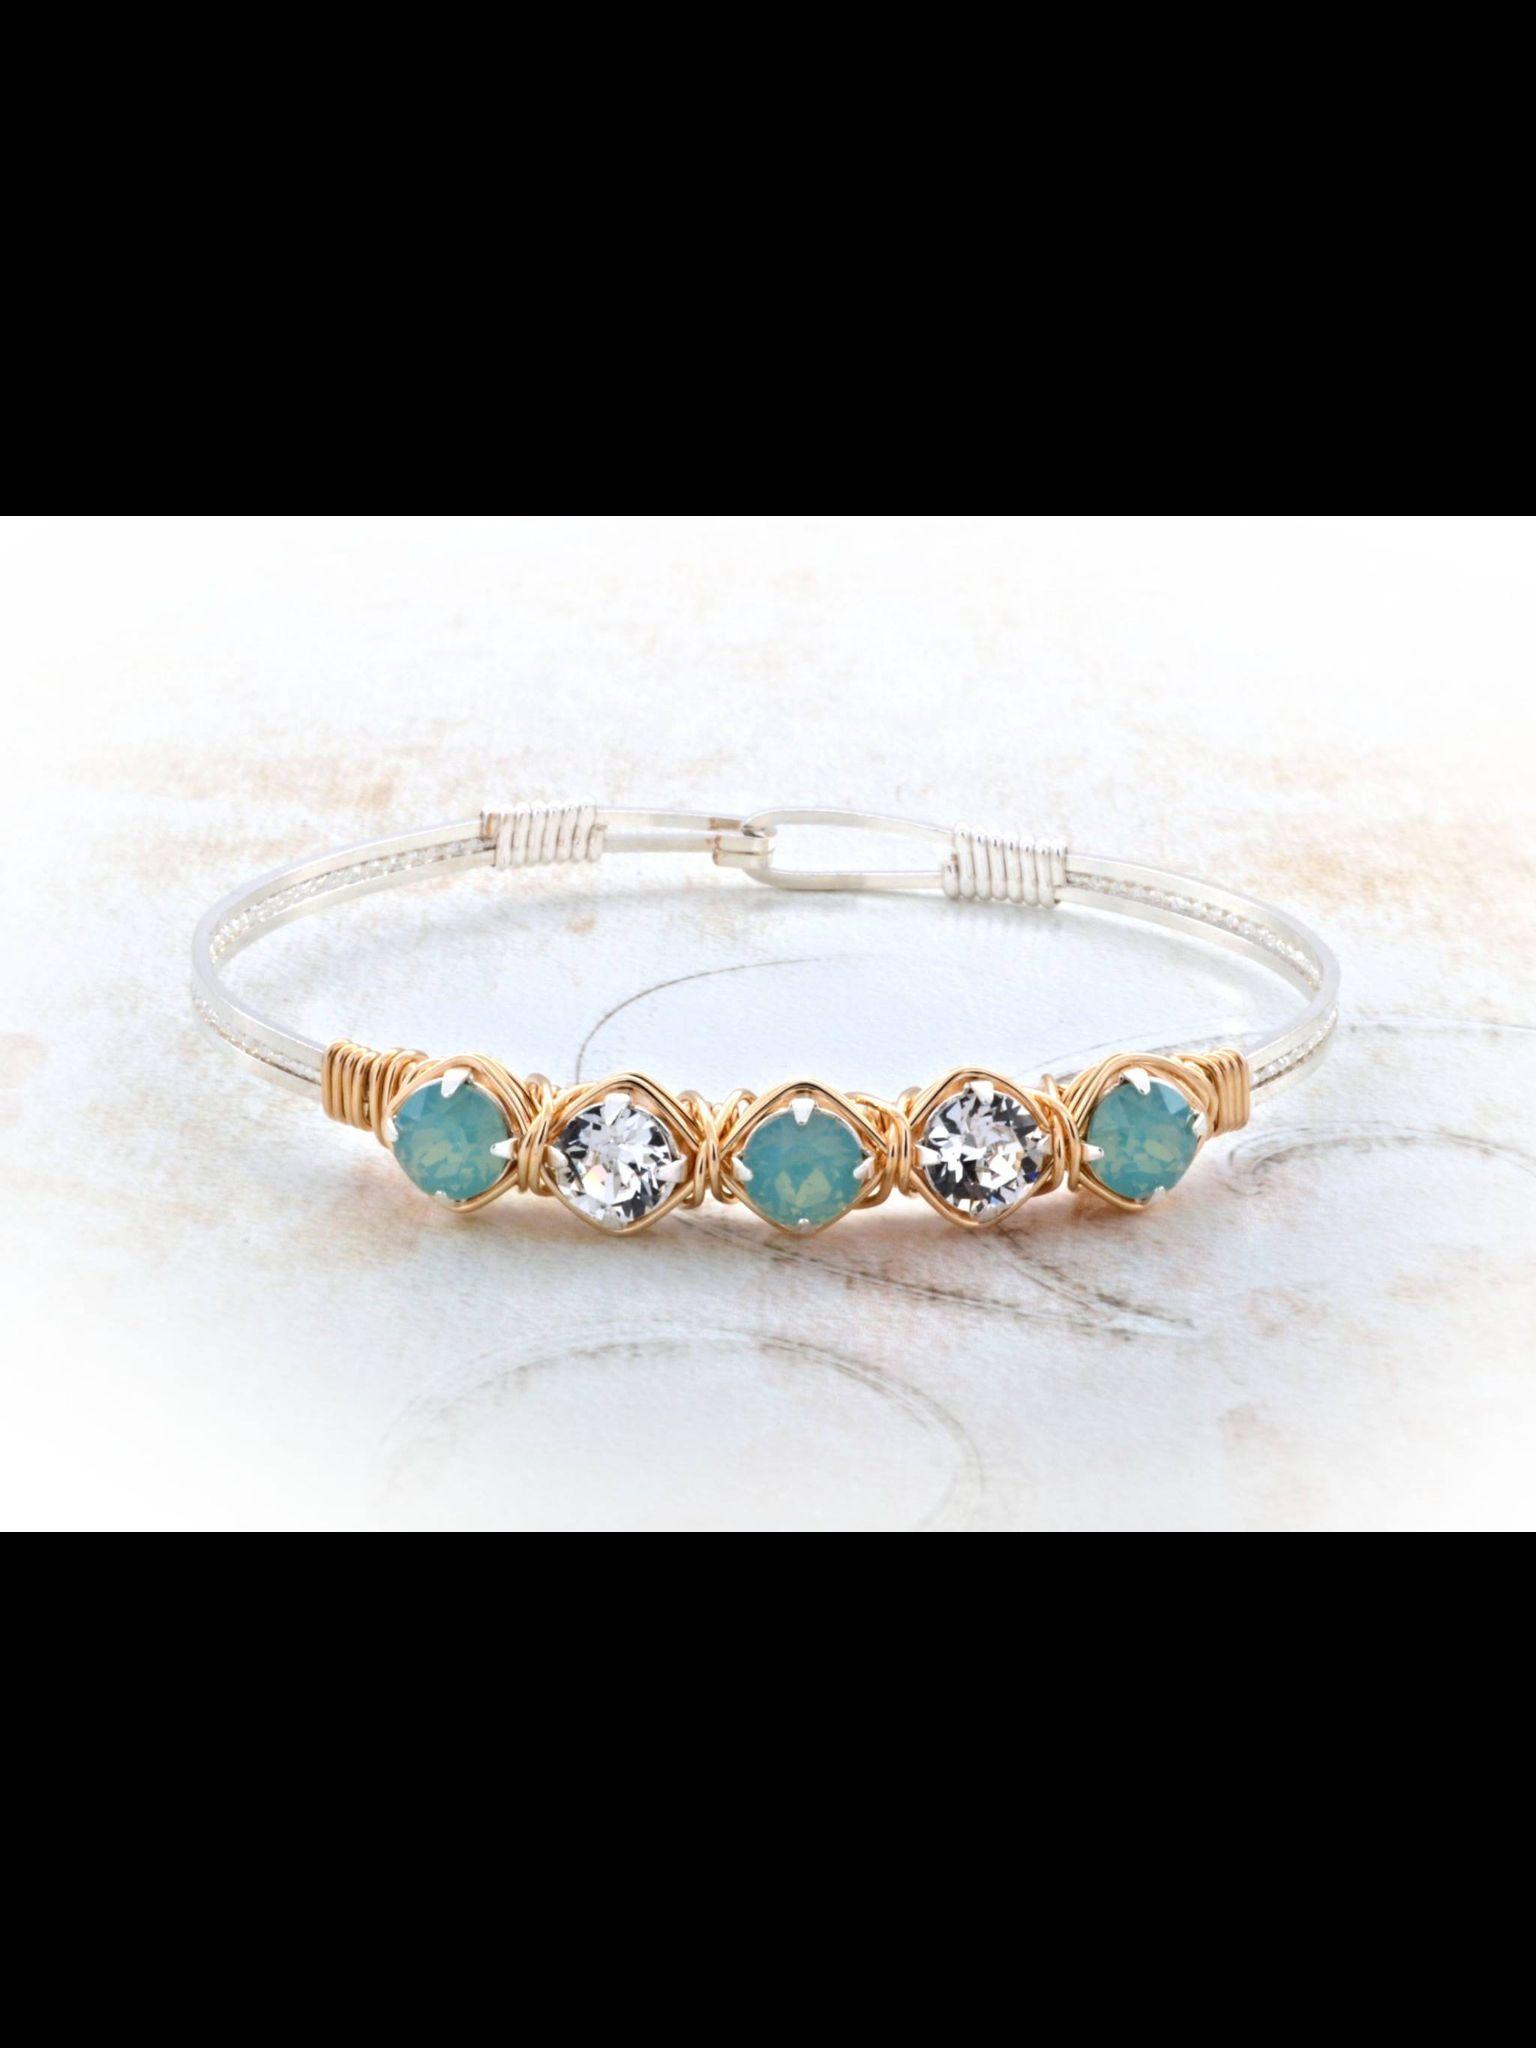 26+ Earth grace jewelry near me information